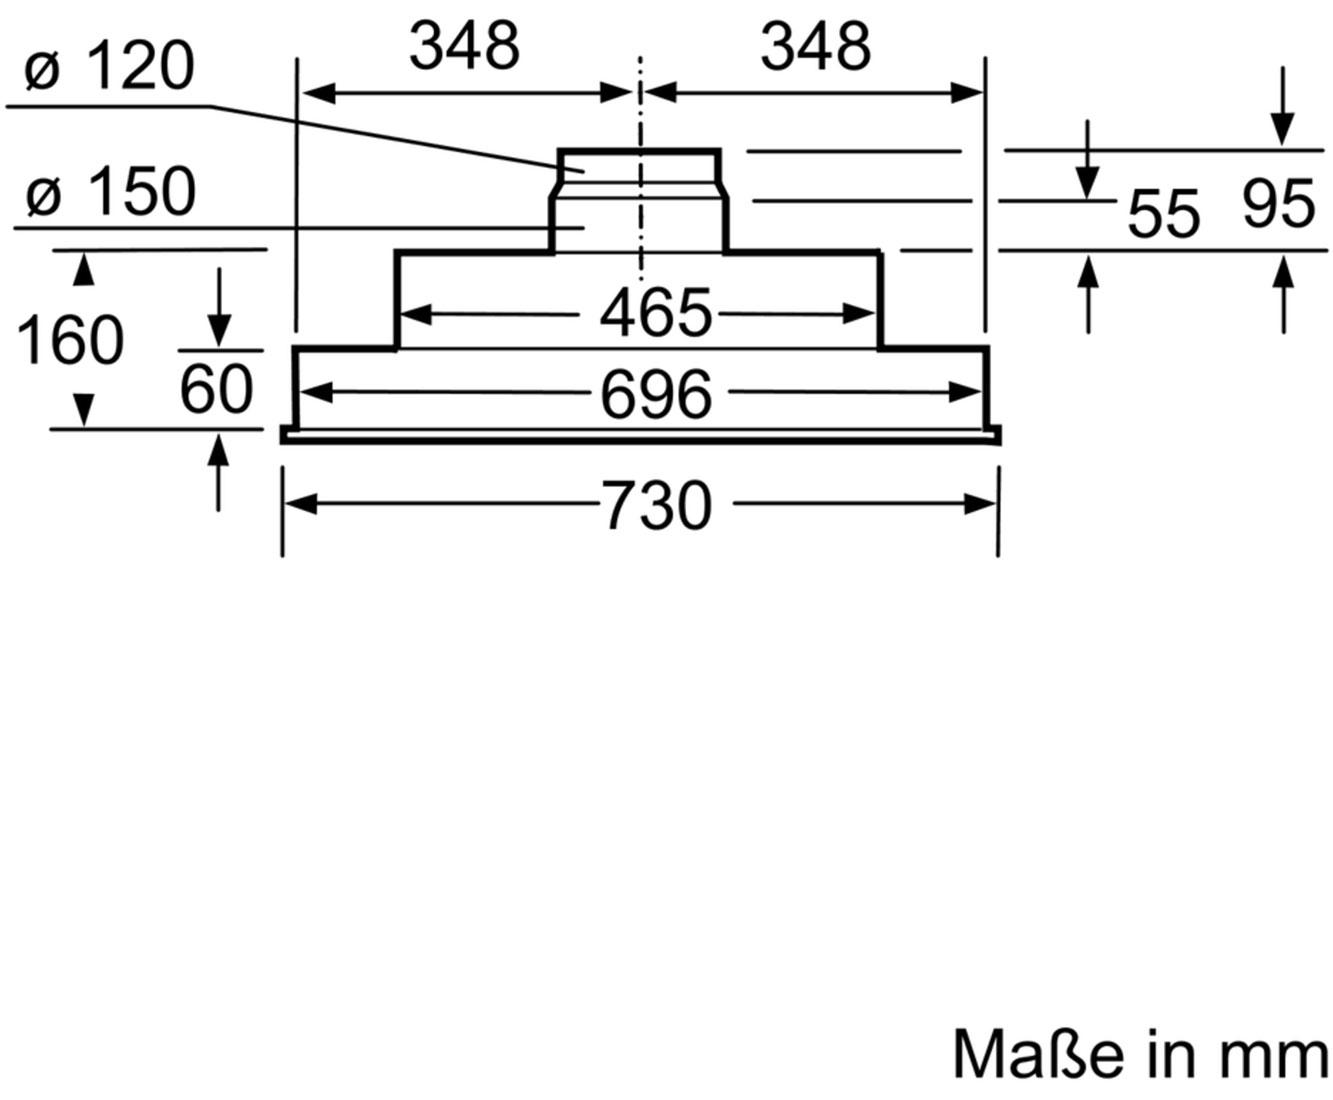 Abluftschlauch Dunstabzugshaube 120 Mm 2021